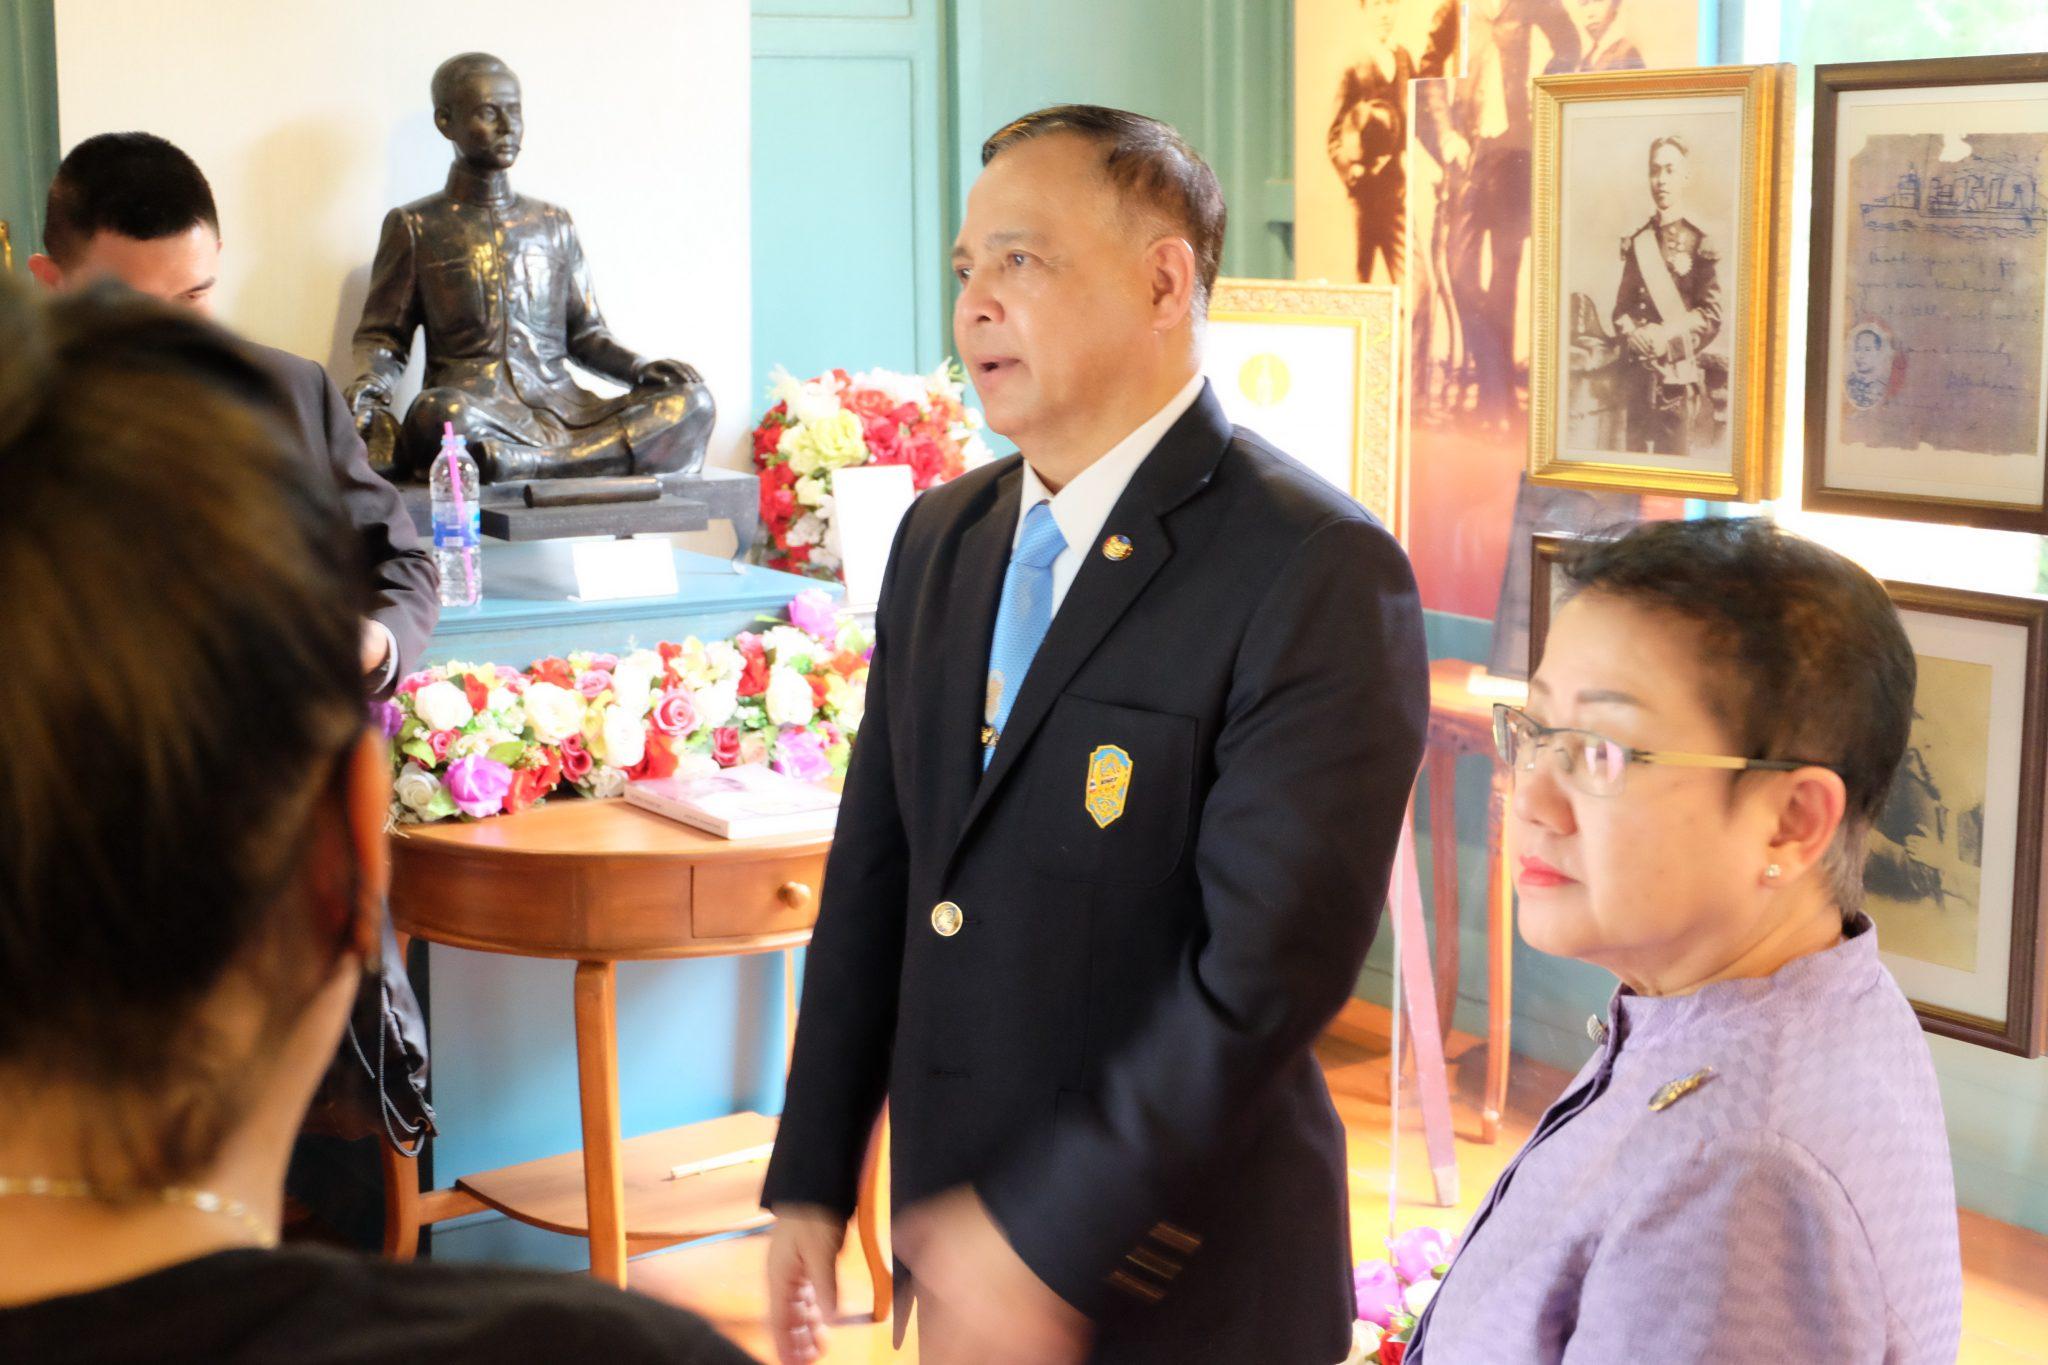 เมื่อวันที่ 30 ต.ค 62 รักษาราชการแทนอธิการบดี มทร.พระนคร พร้อมด้วย คณบดีคณะศิลปศาสตร์ ให้การต้อนรับ พลเรือเอก จุมพล ลุมพิกานนท์ ประธานมูลนิธิกรมหลวงชุมพรเขตรอุดมศักดิ์หาดทรายรี เพื่อนำชมเรือนหมอพร สถานที่ใช้นั่งอธิฐานจิต